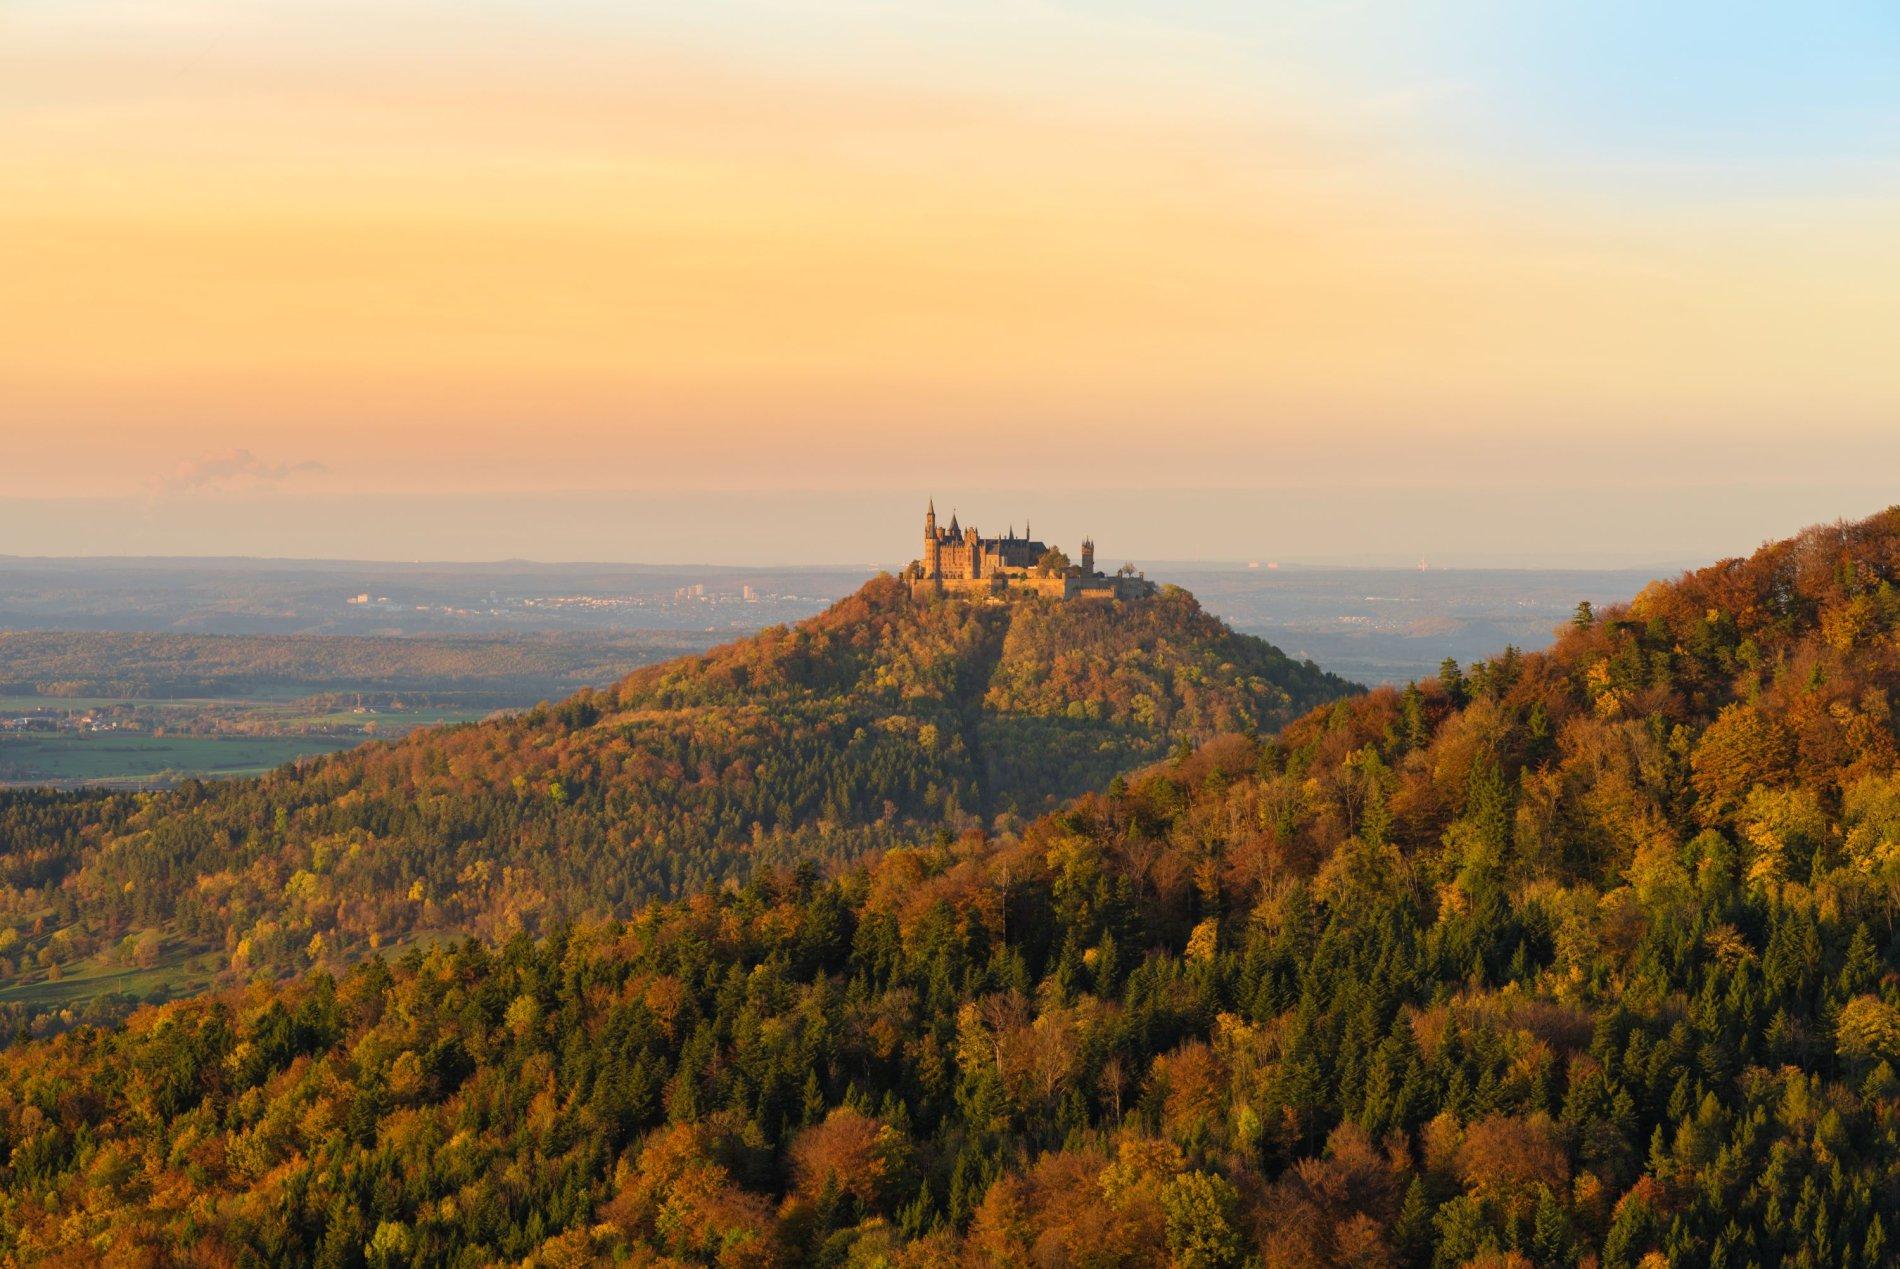 Sonnenuntergang am Traufgang Wiesenrunde mit Blick auf die Burg Hohenzollern